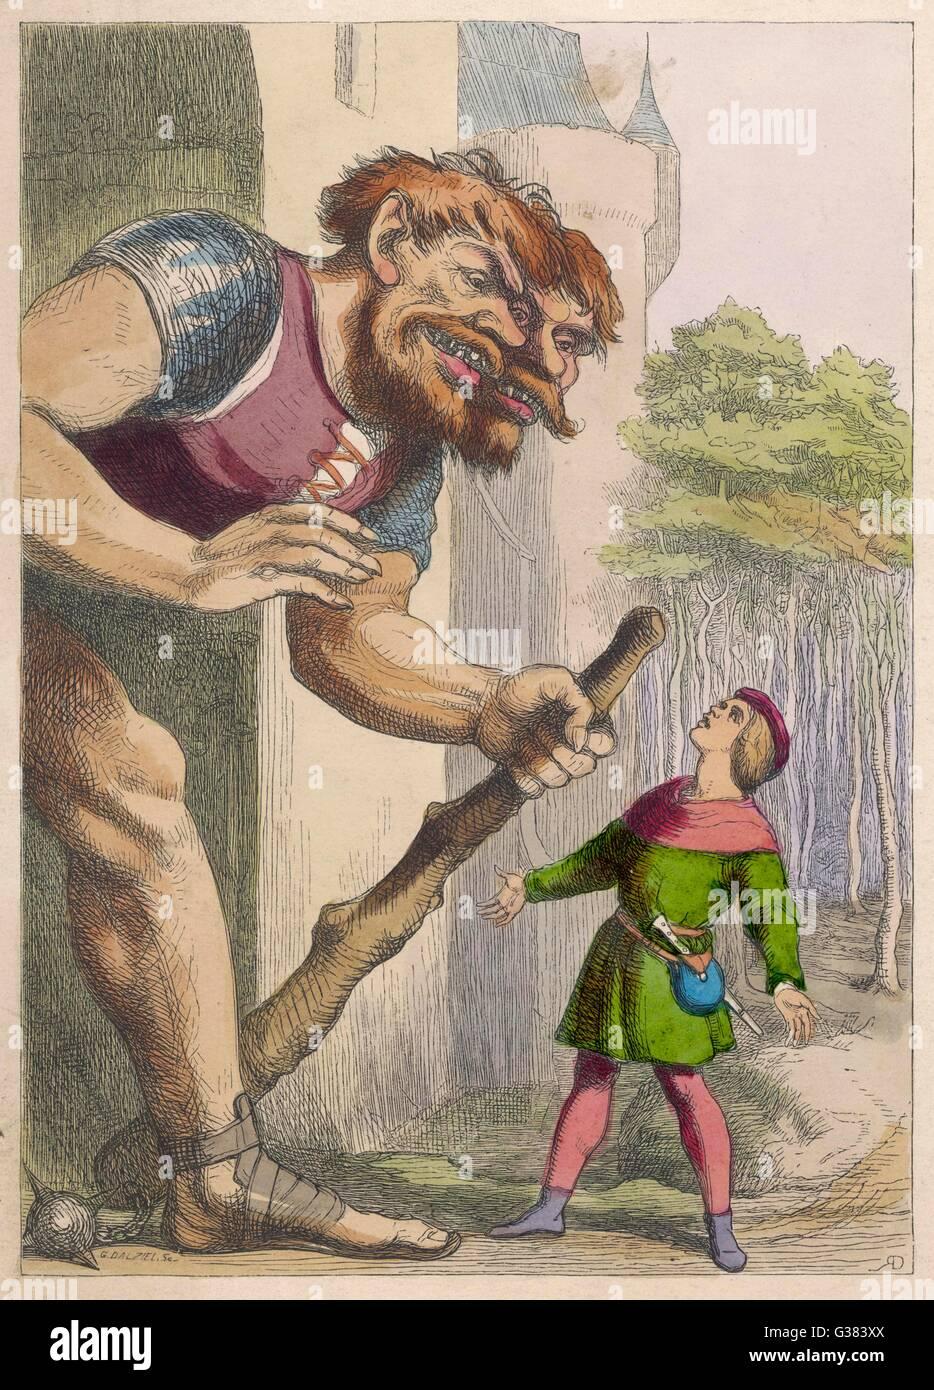 Il Jack Giant-Killer affronta il gigante CON DUE TESTE Immagini Stock